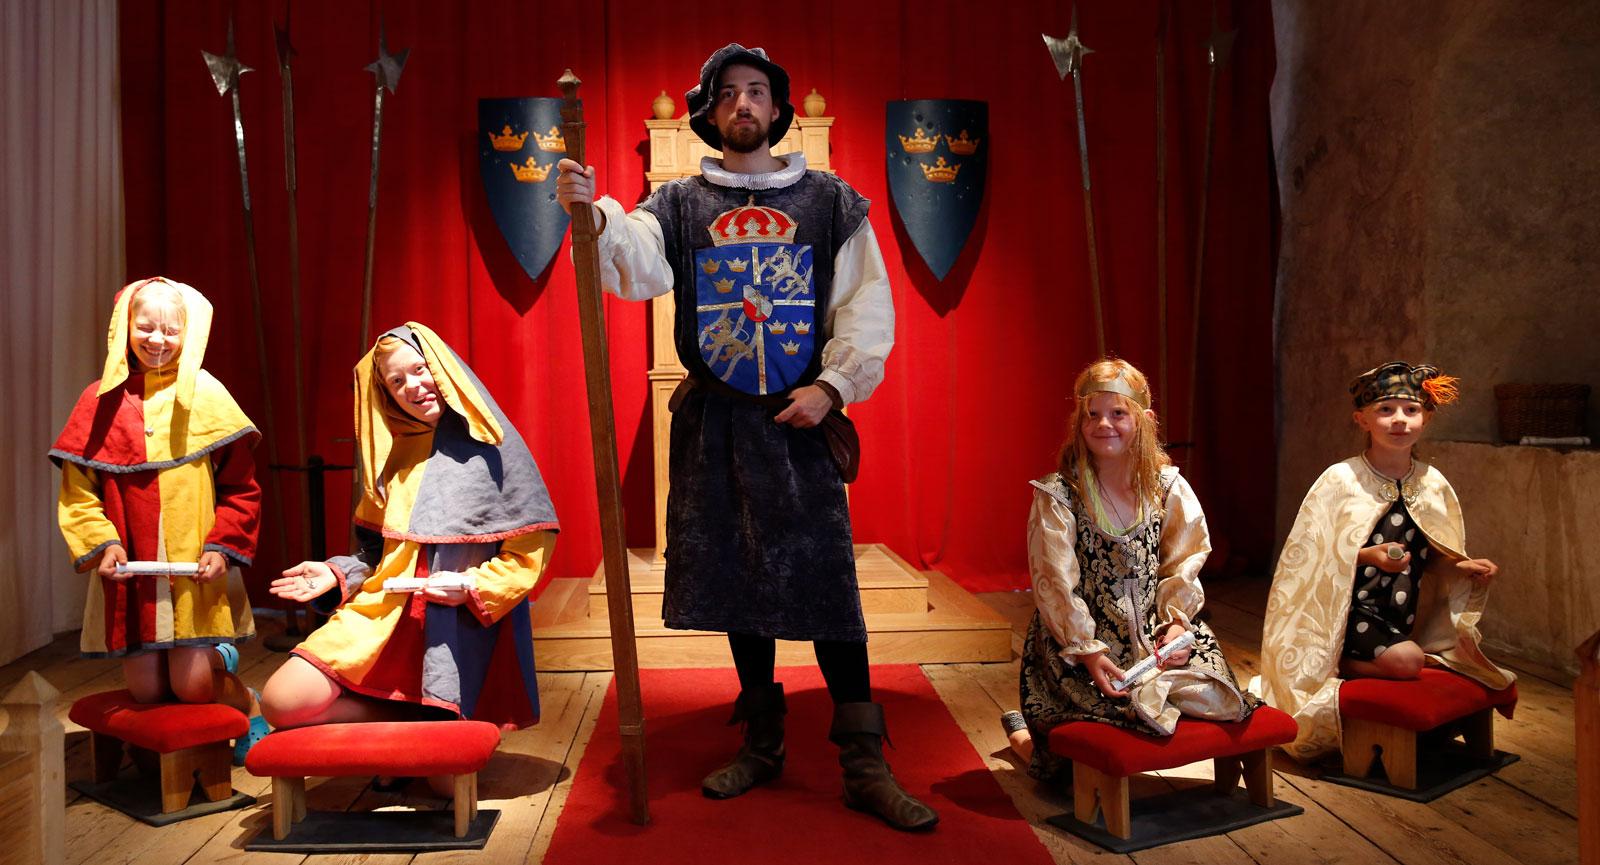 Låt barnen bli en del av Barnens slott där de bland annat får möjlighet att krönas till slottsfru, prins, hovnarr eller prinsessa på Kalmar slott.